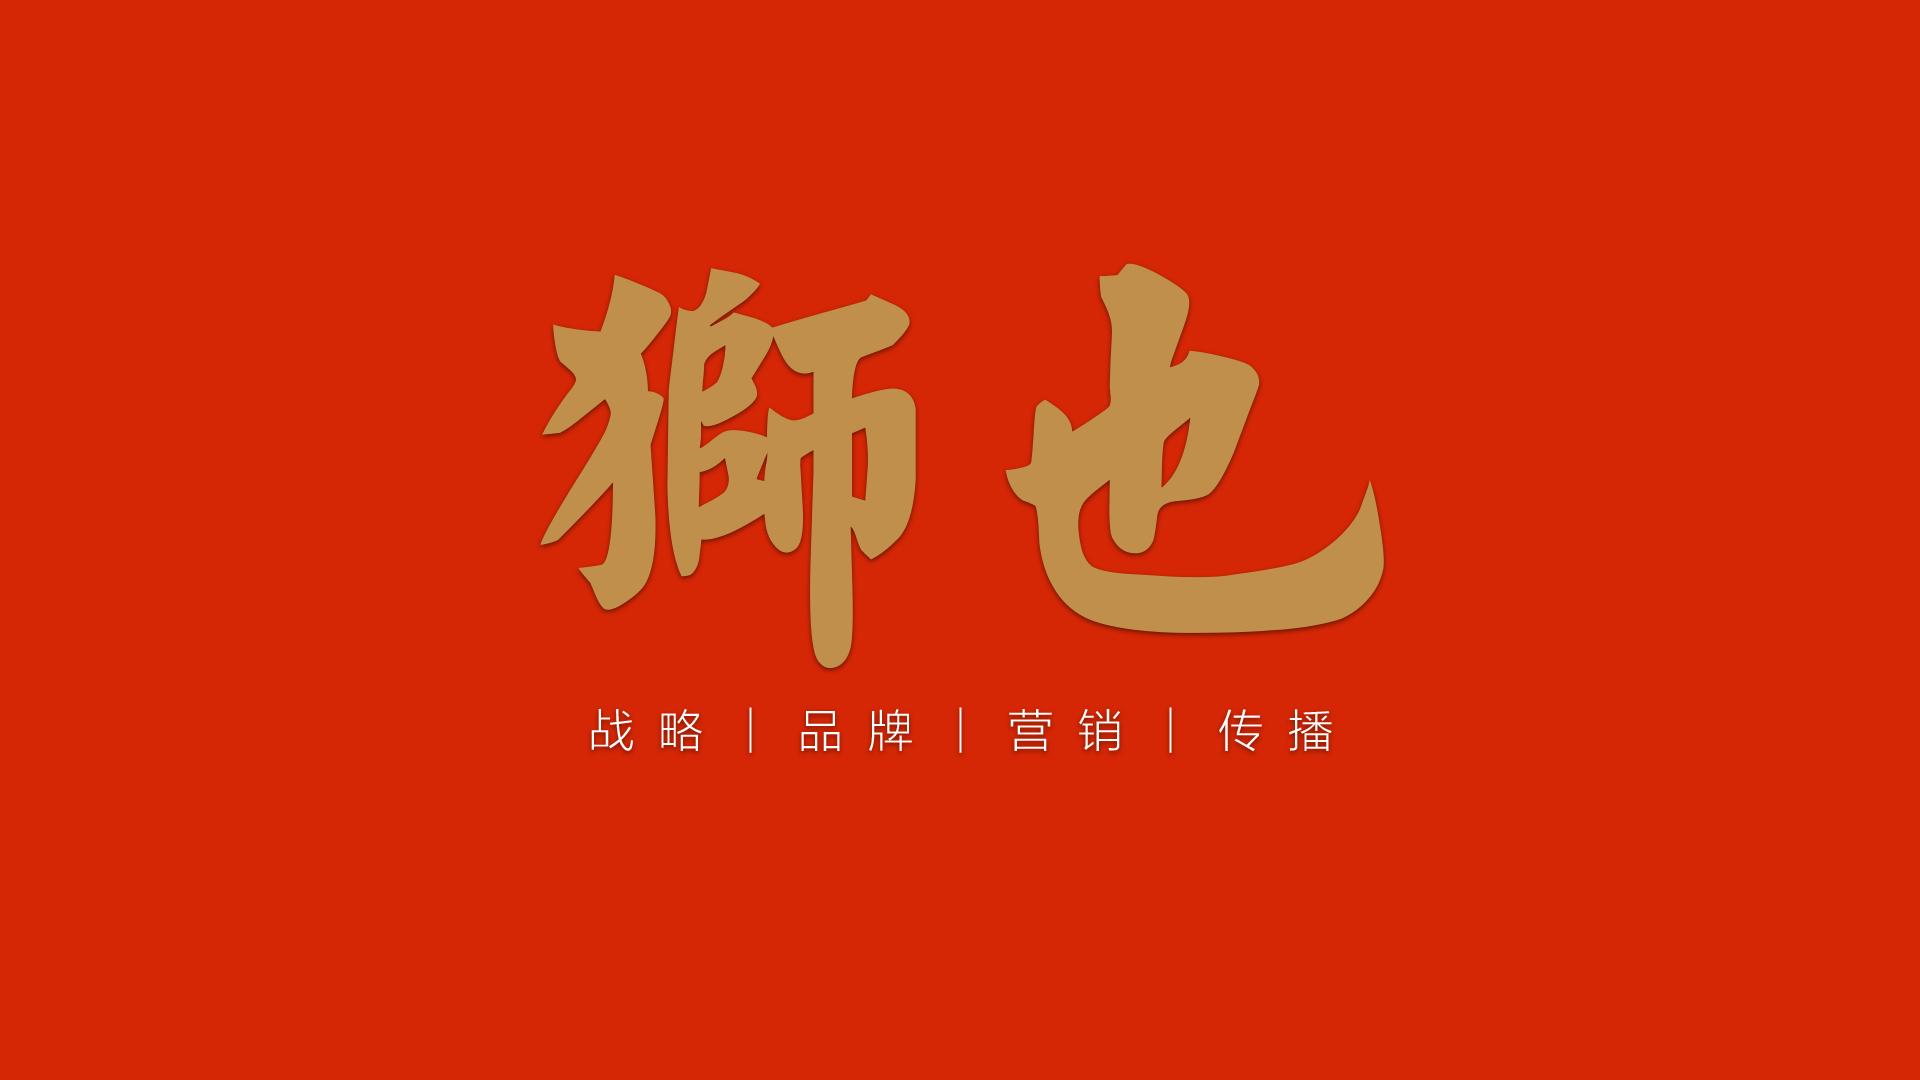 营销学4P理论—山东济南狮也战略品牌营销策划咨询顾问公司